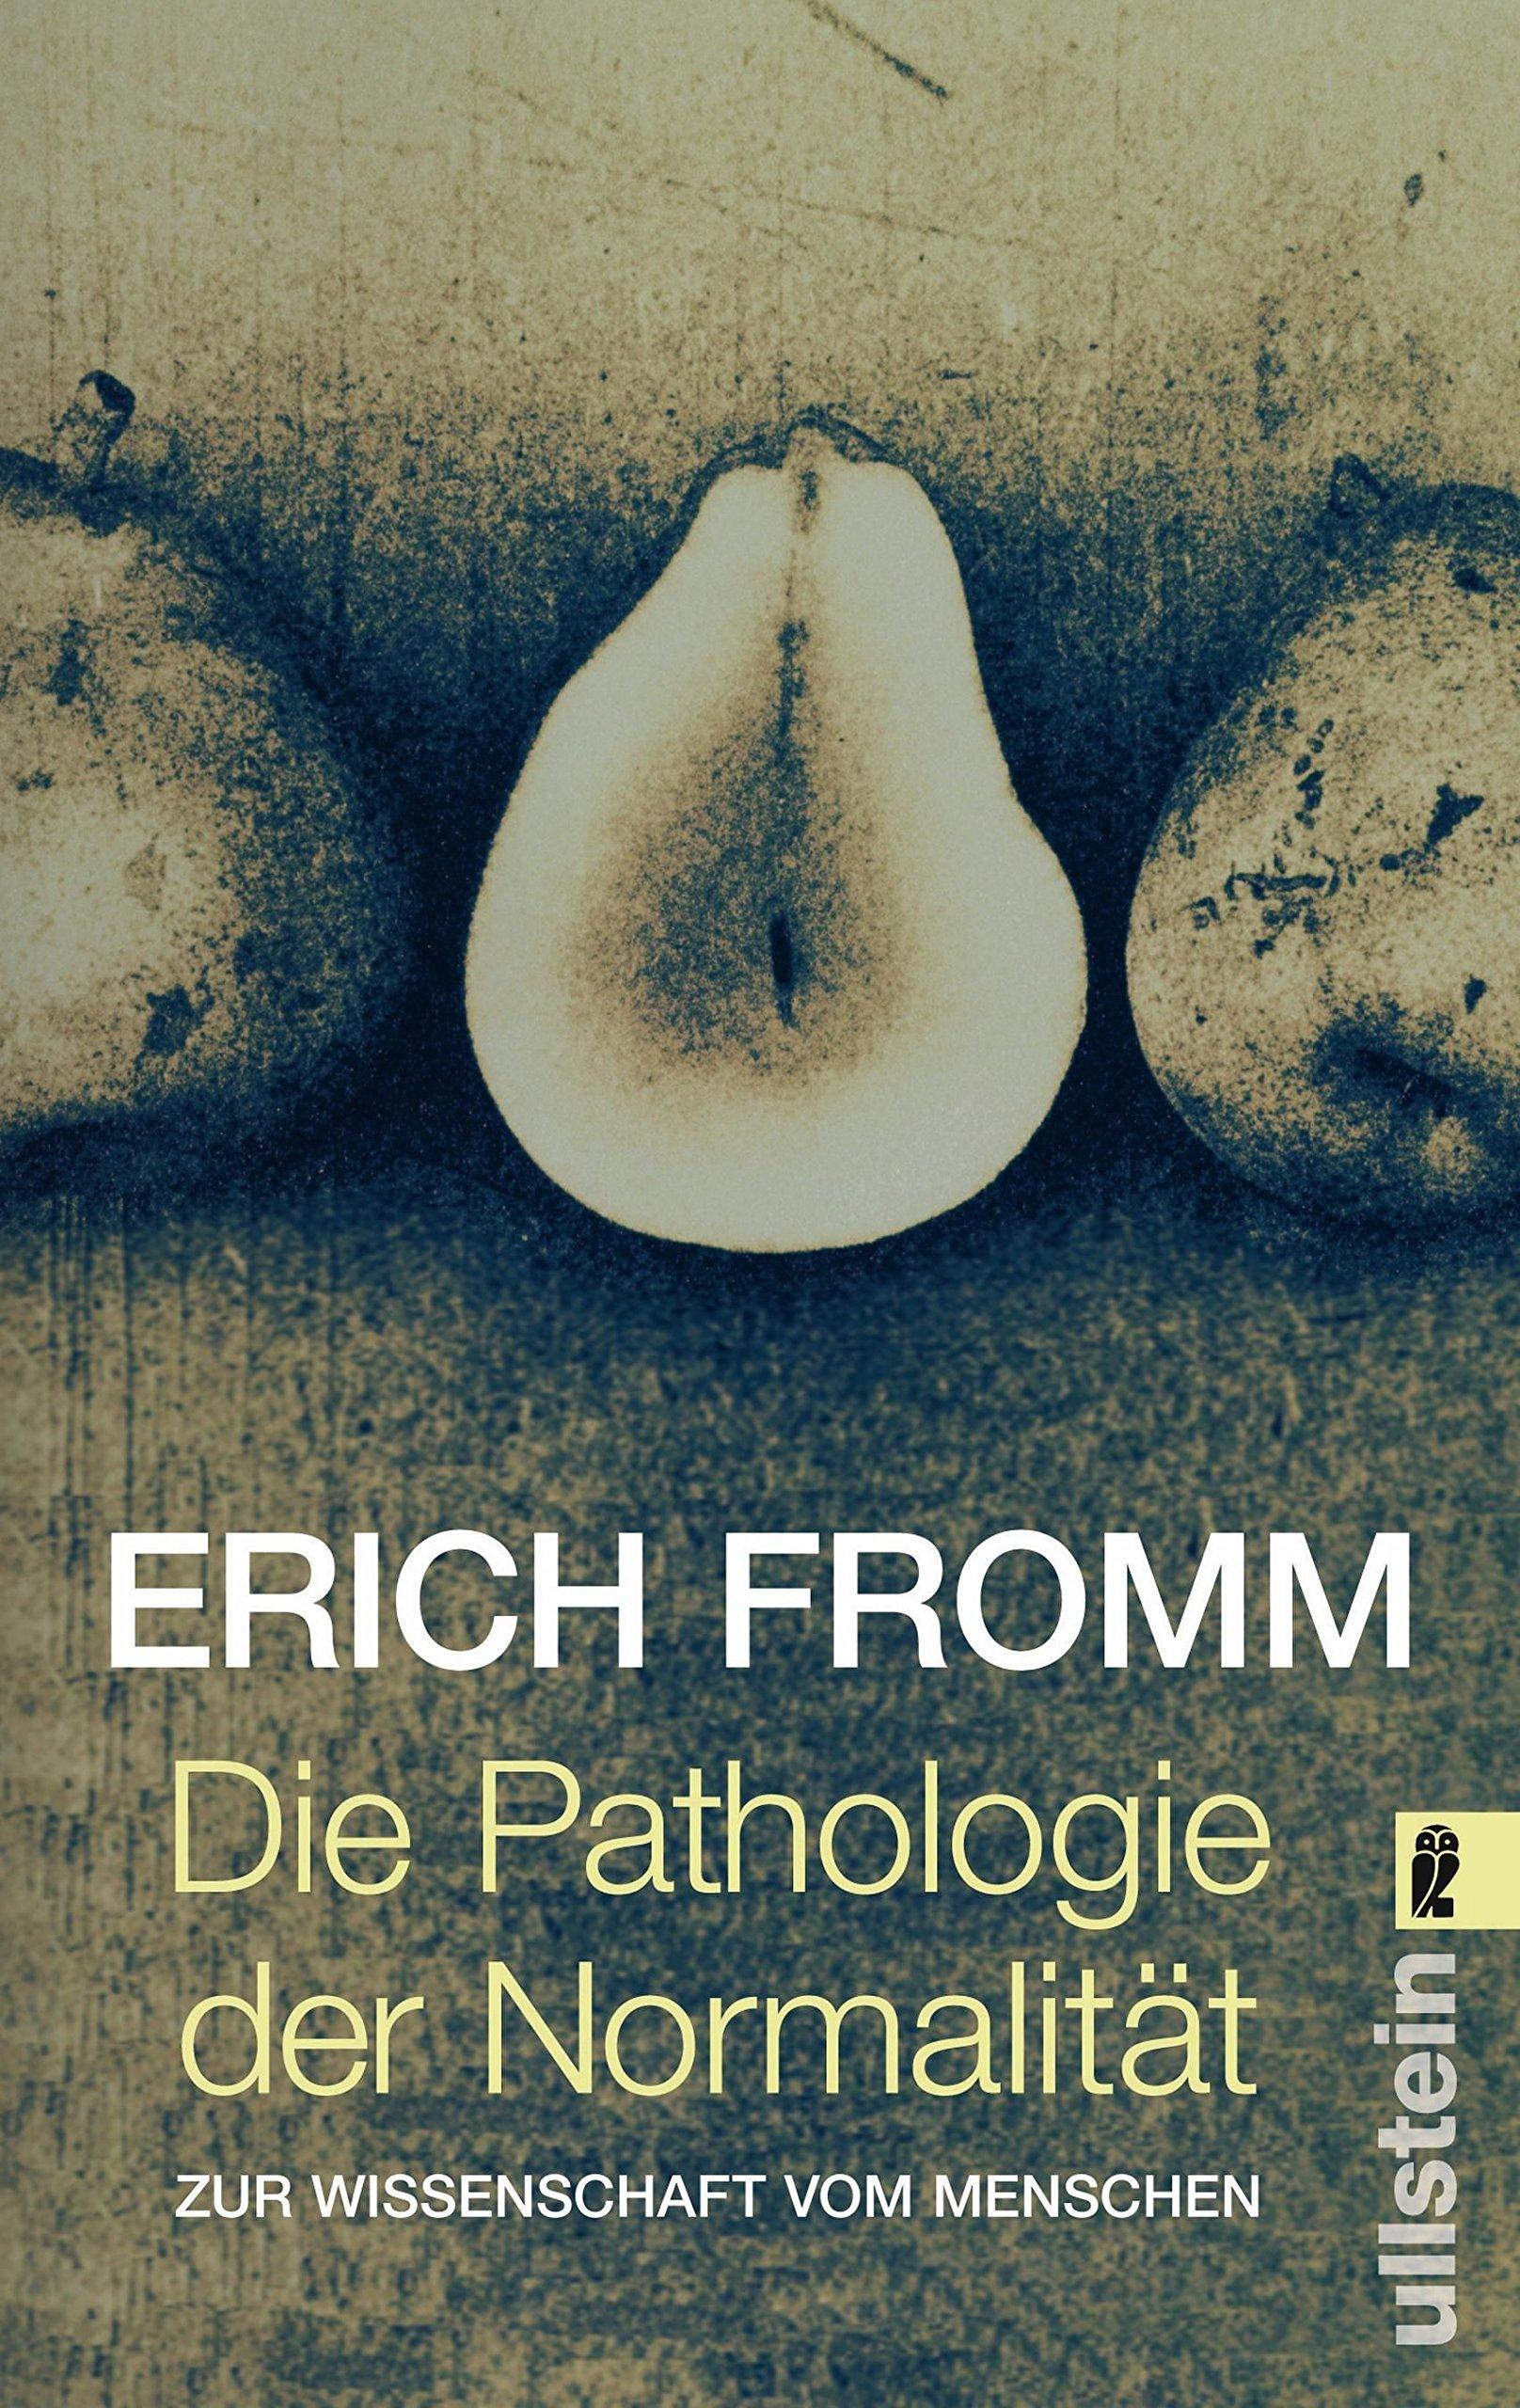 Die Pathologie der Normalität: Zur Wissenschaft vom Menschen Taschenbuch – 12. April 2005 Erich Fromm Ullstein Taschenbuch 354836778X Psychoanalyse